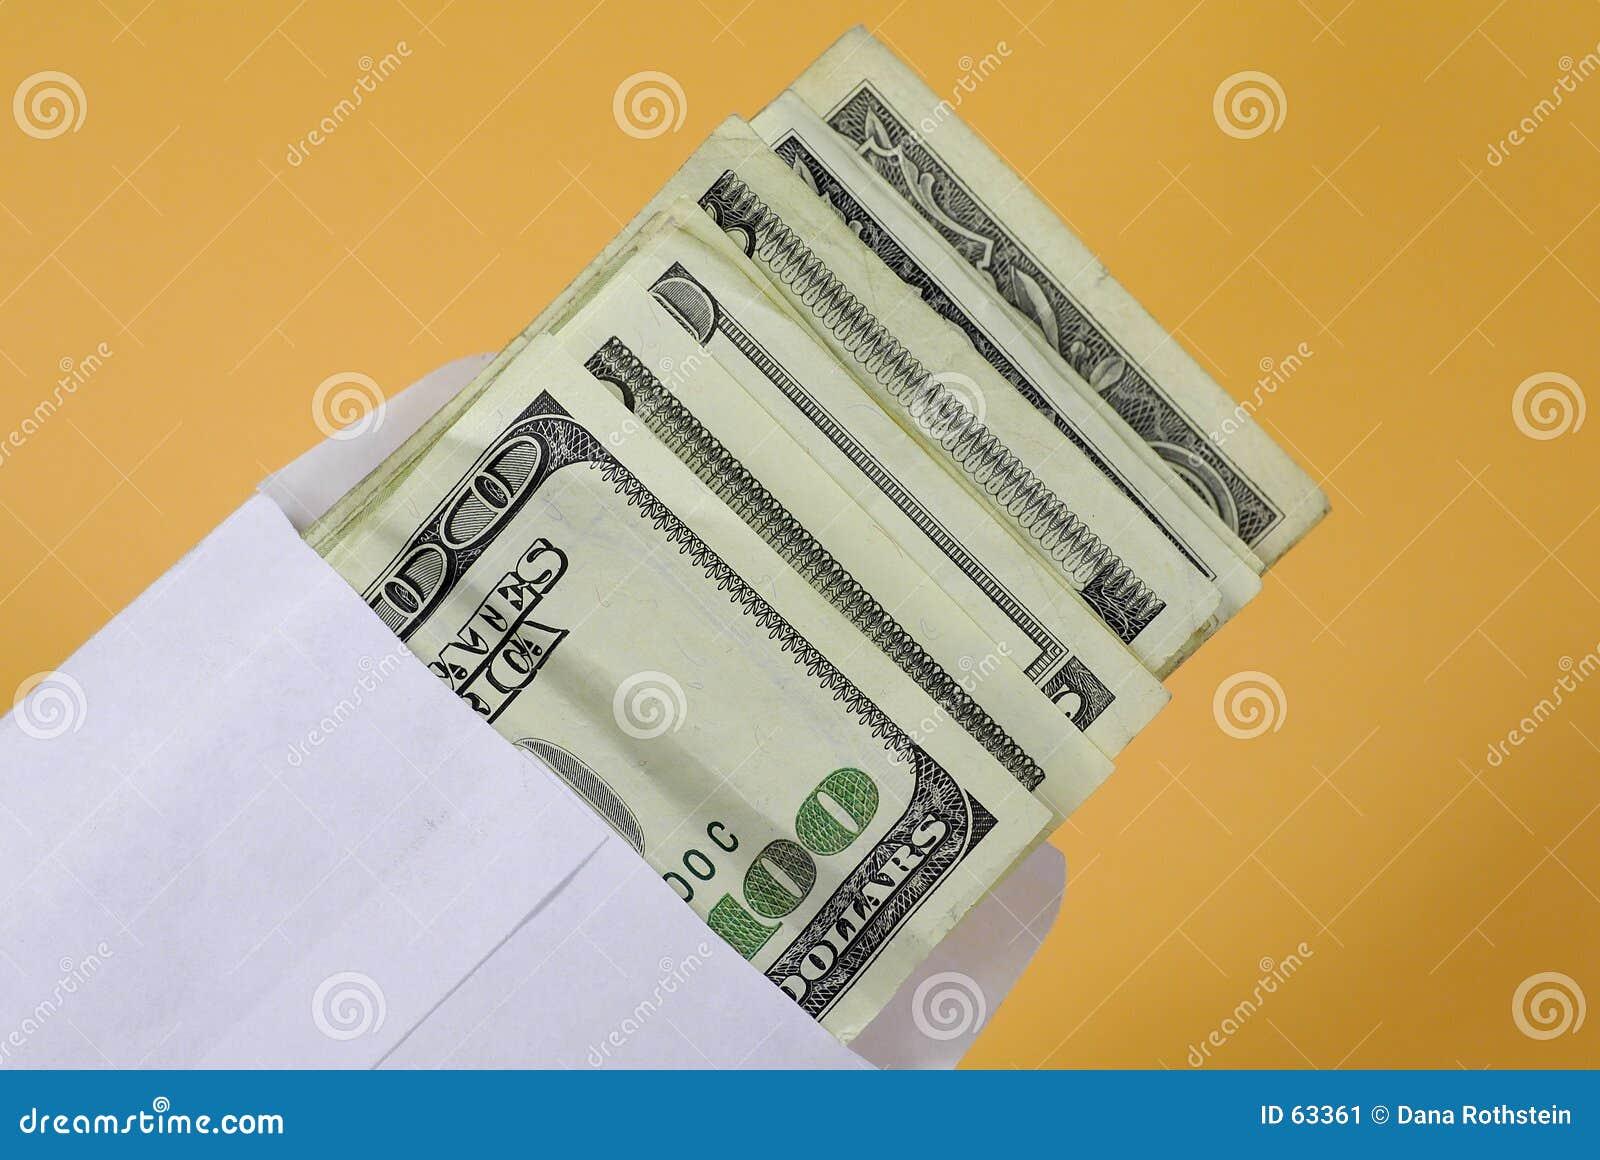 Download Jour de paie 2 image stock. Image du affaires, financier - 63361